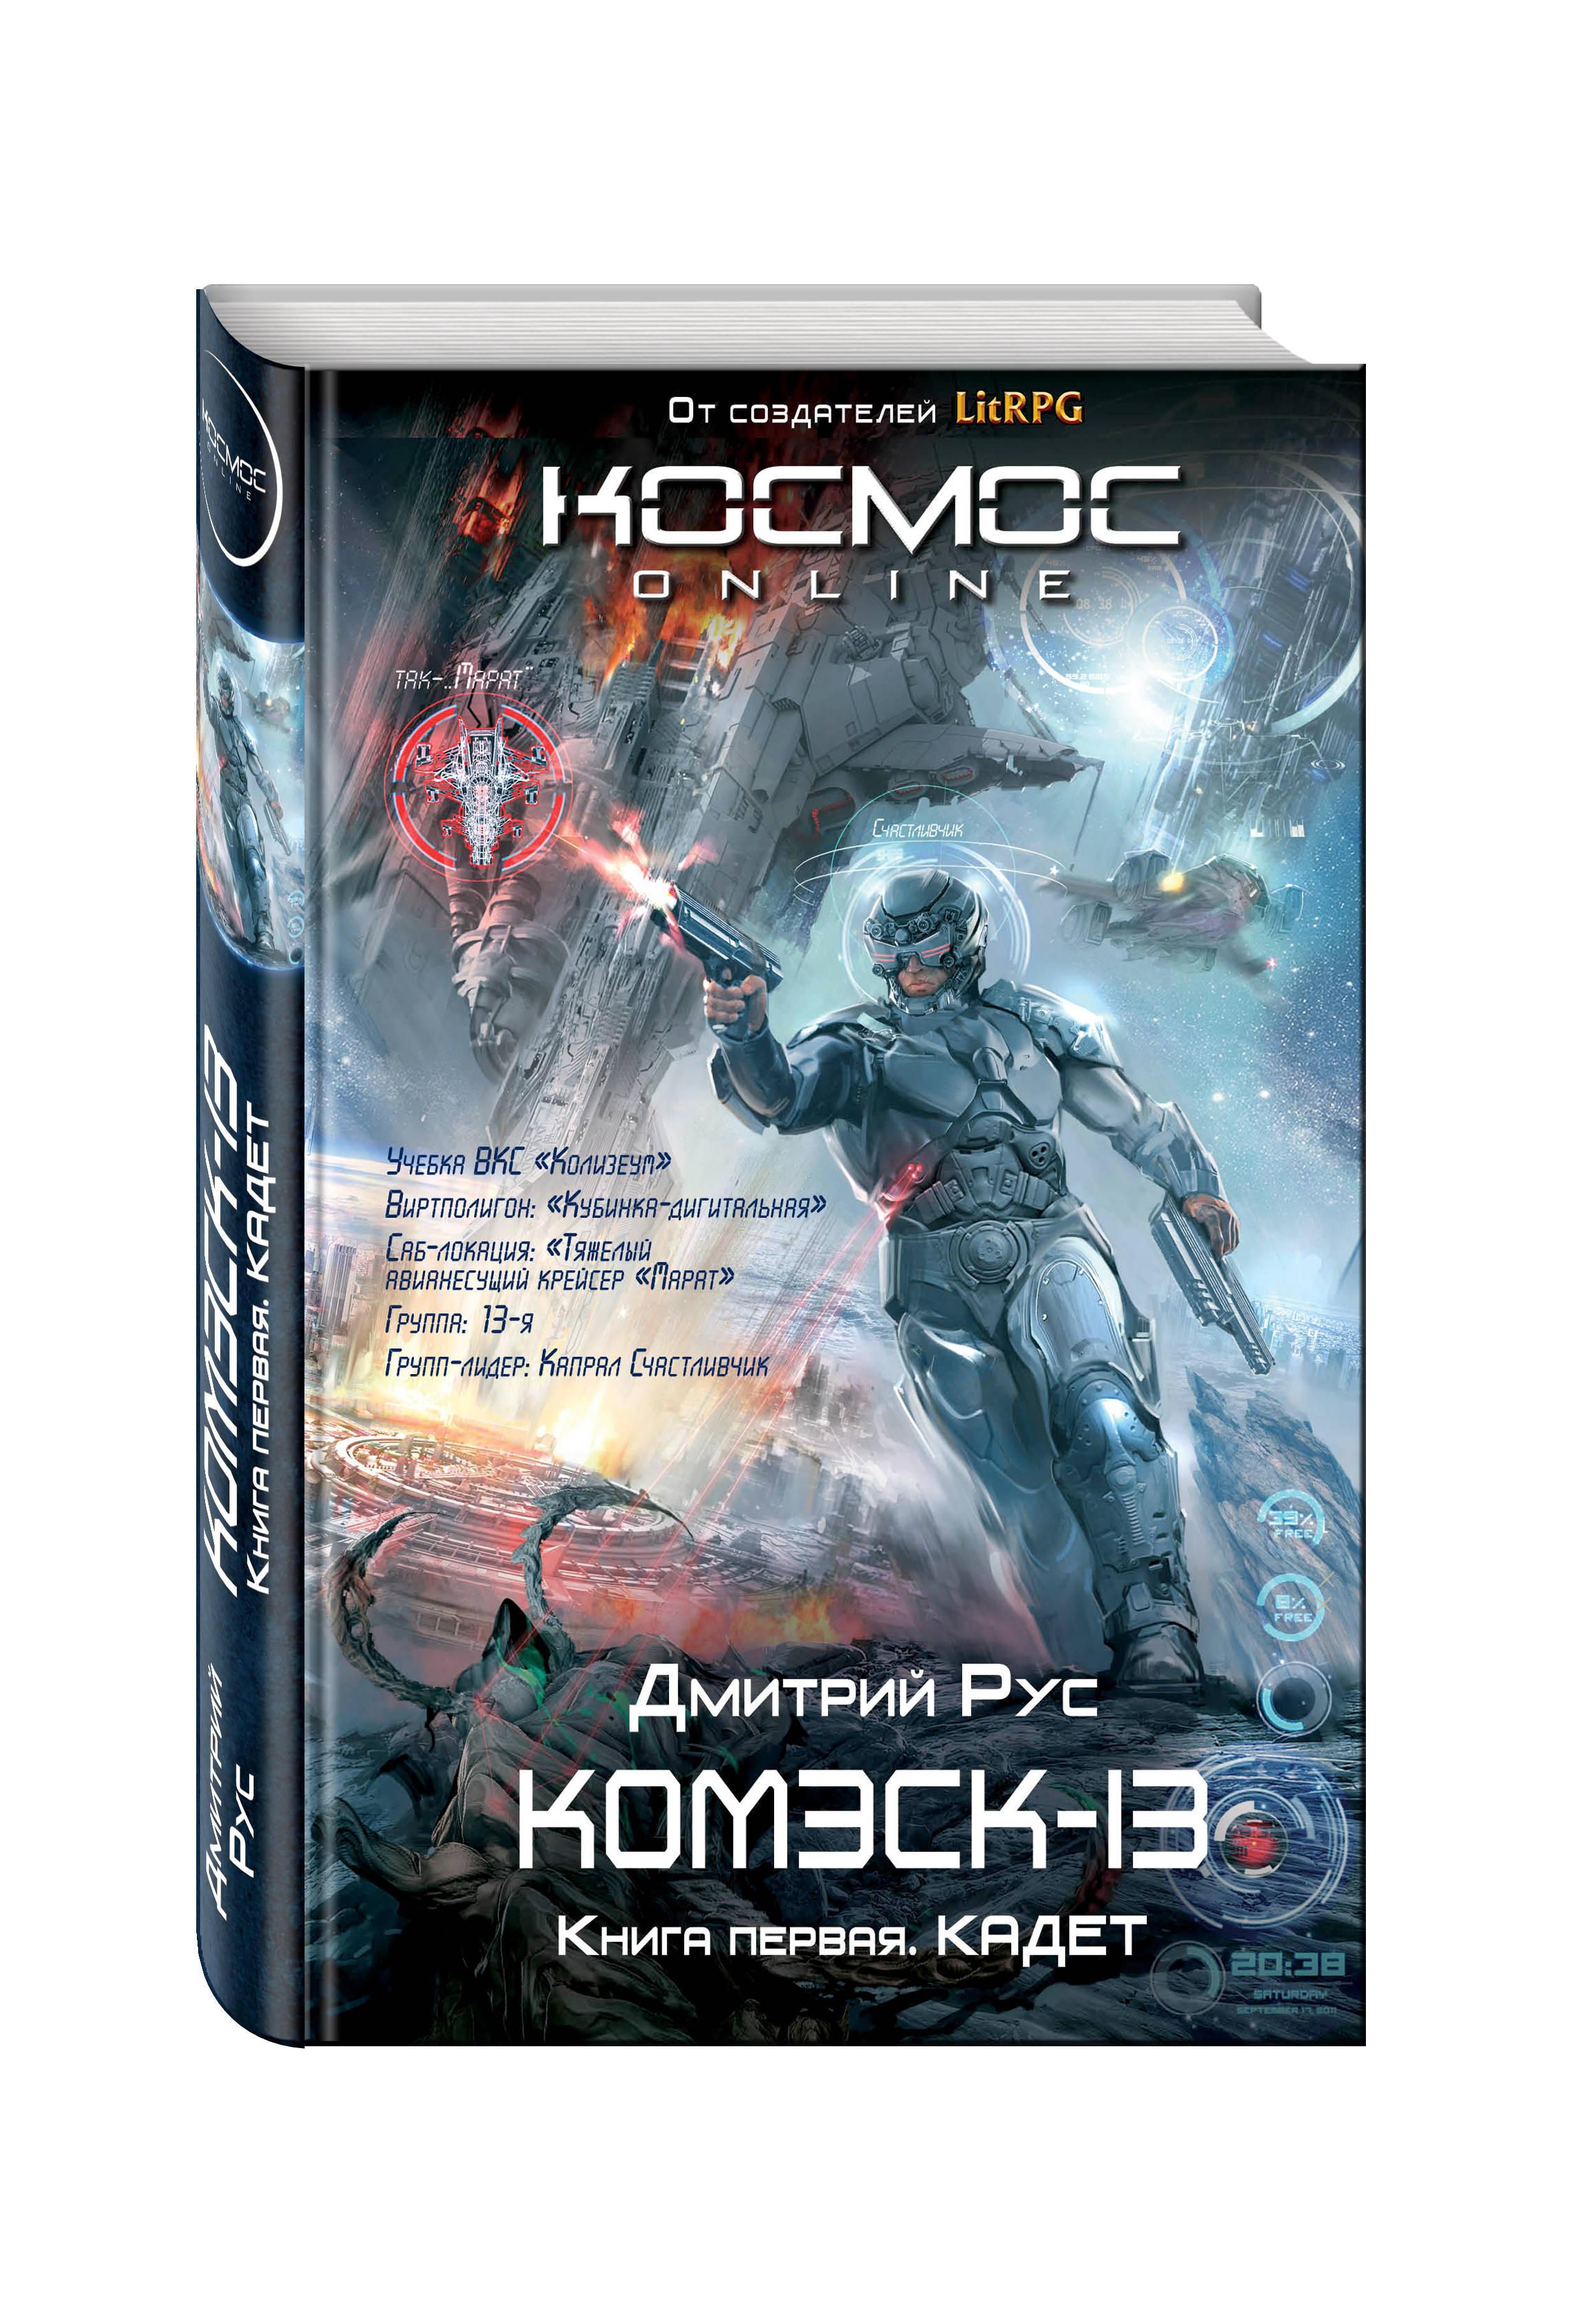 ДМИТРИЙ РУС КОМЭСК-13 КНИГА 2 ЛЕЙТЕНАНТ СКАЧАТЬ БЕСПЛАТНО